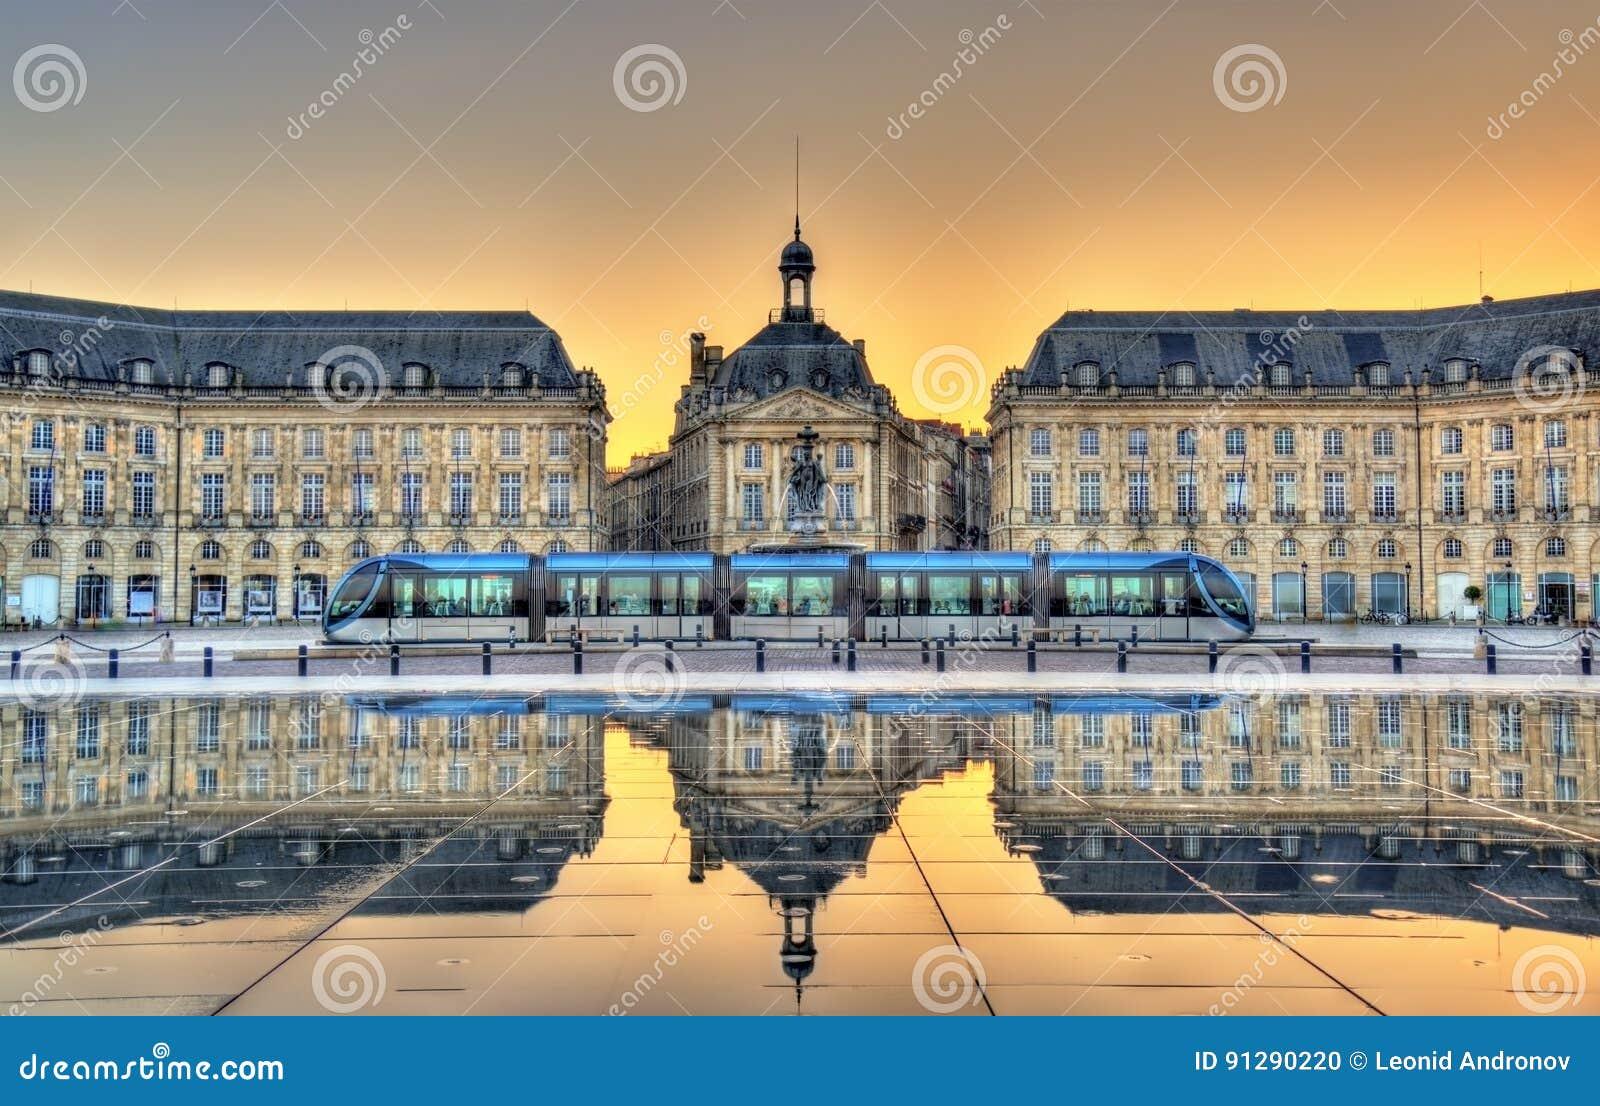 Place de la Bourse se reflétant du miroir de l eau en Bordeaux, France